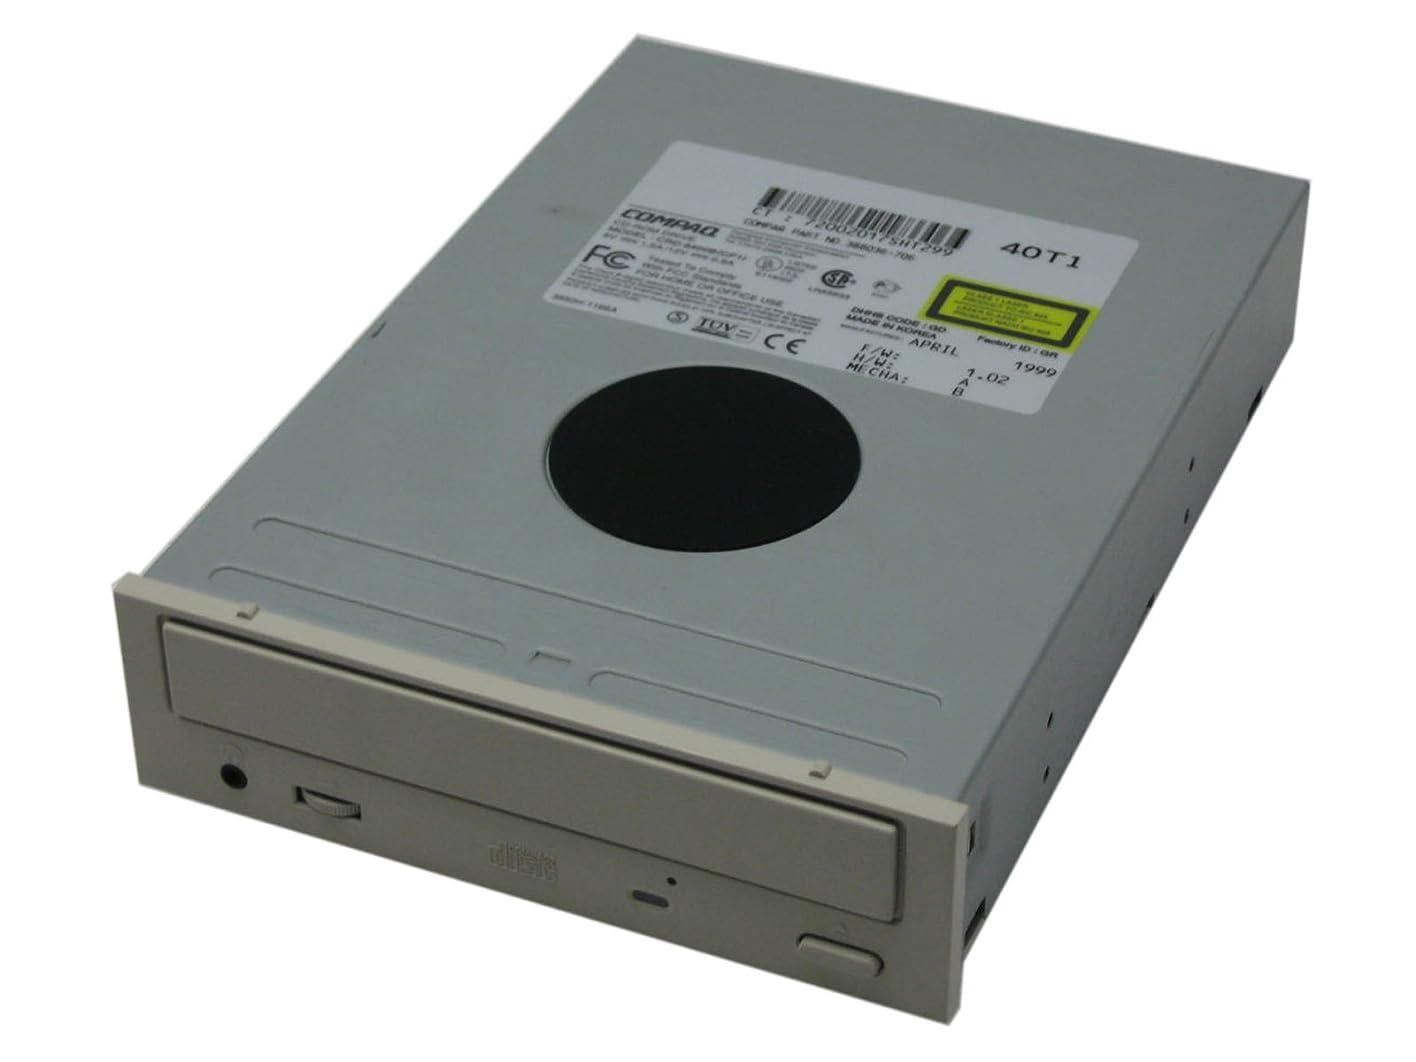 関税広げる平凡HP 48 x IDE CD - ROMドライブ(カーボン) ProLiant ML etcサーバ – 新しい – 288894 – 001